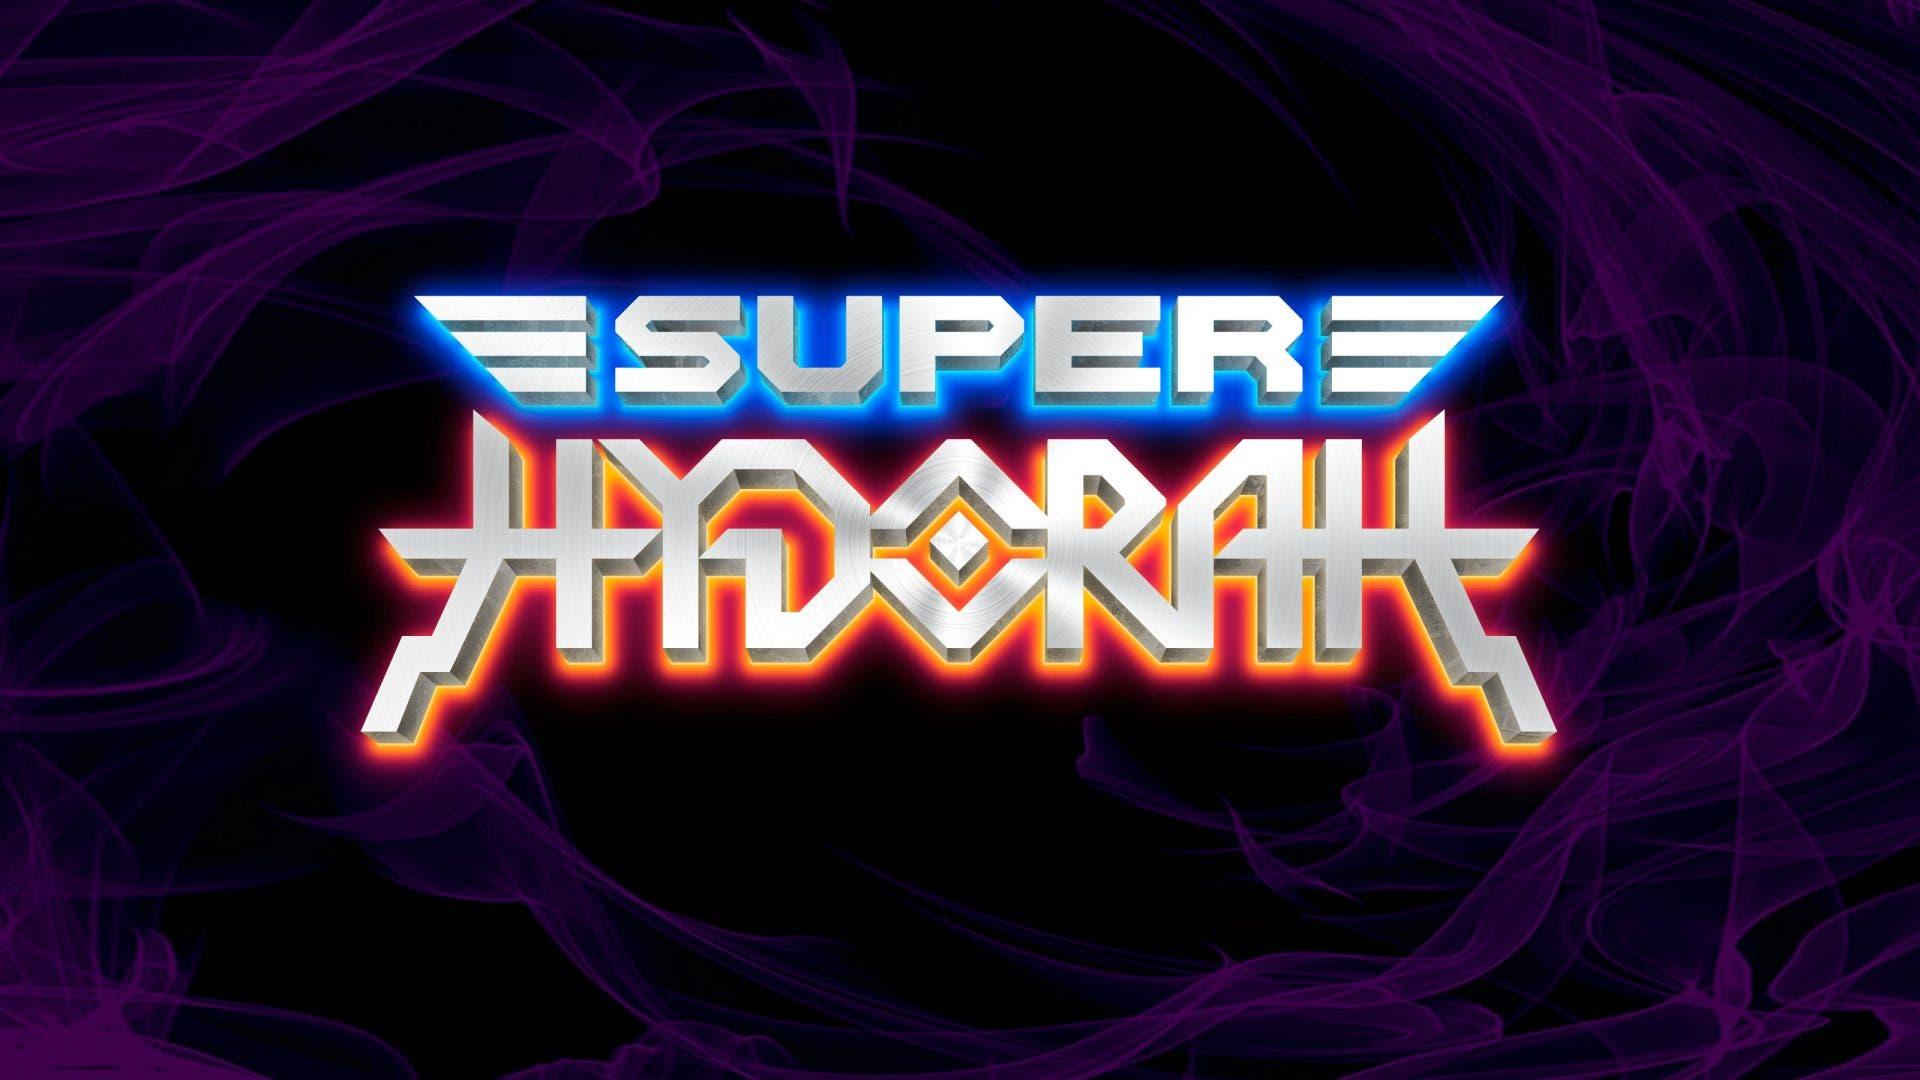 Imagen de Super Hydorah saldrá en Xbox One y PC el 20 de septiembre